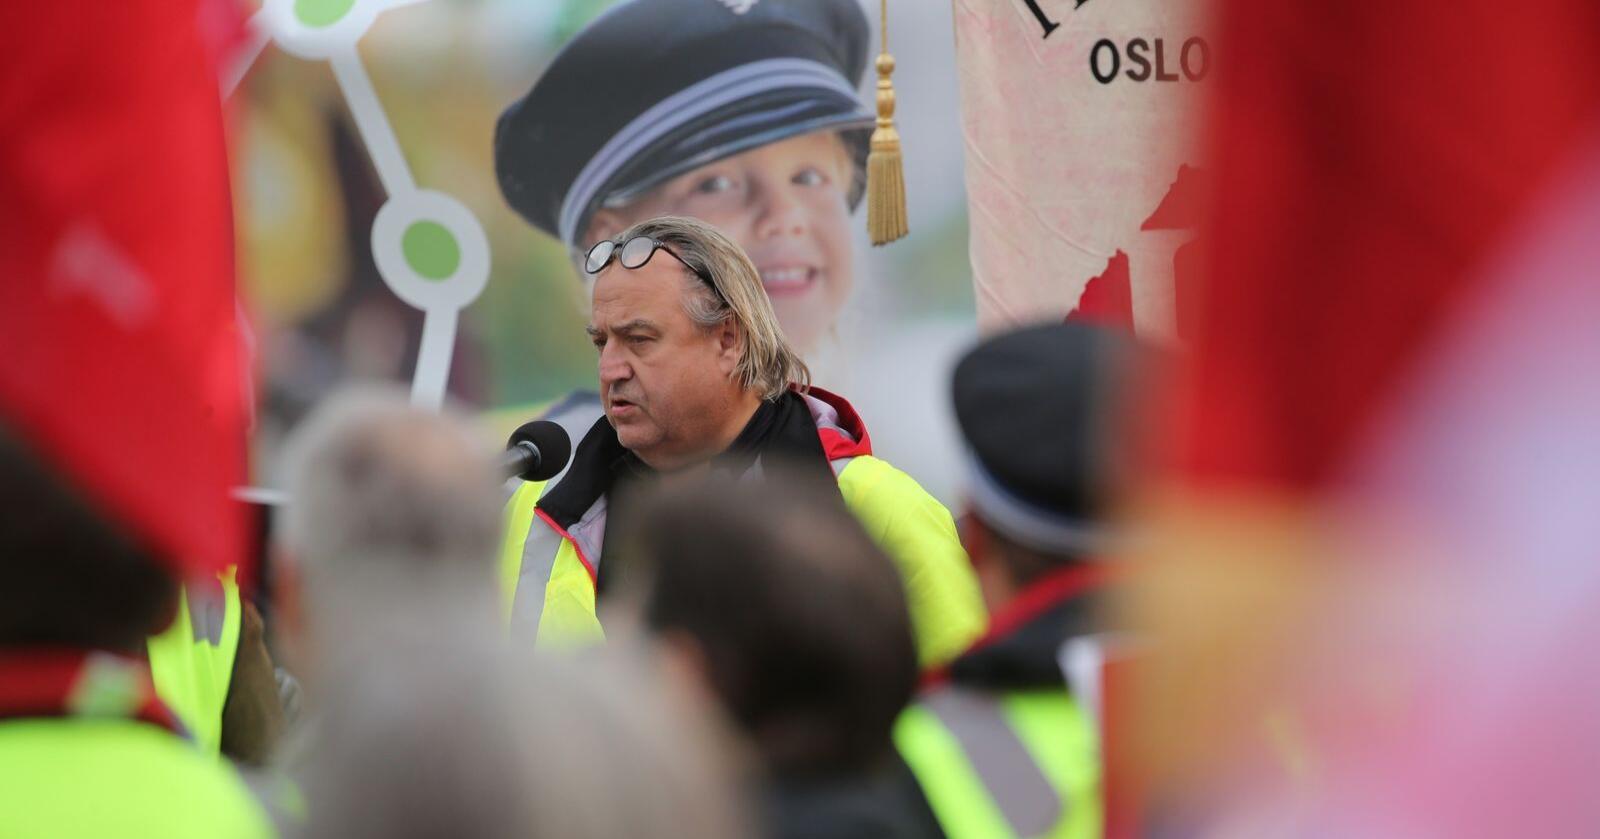 Forbundsleder Rolf Ringdal i Norsk Lokomotivmannsforbund under en tidligere protest. Foto: Ørn E. Borgen / NTB scanpix